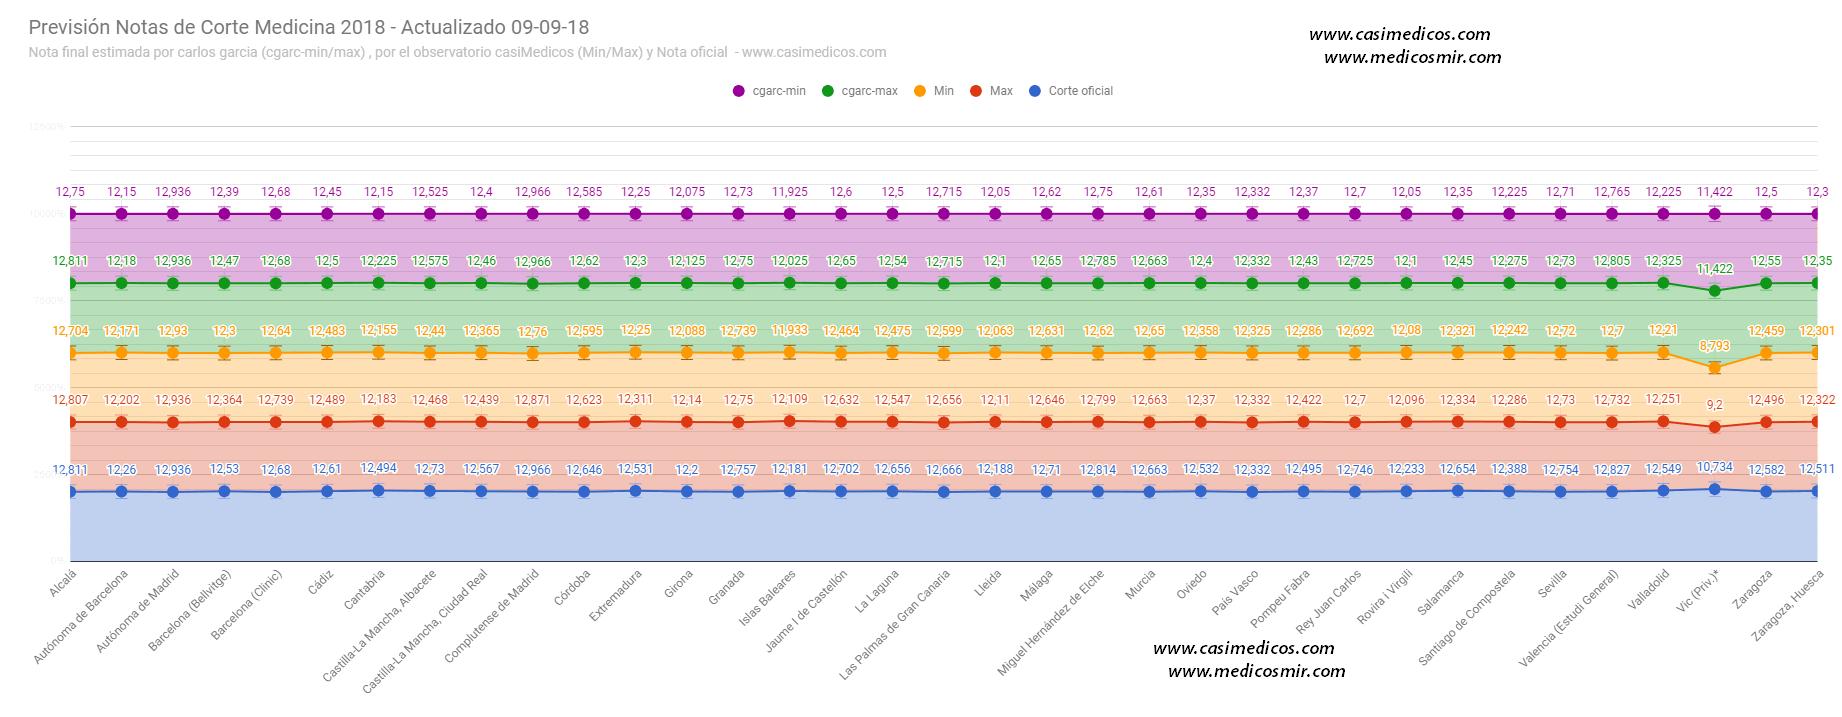 Notas de corte de Medicina 2018/2019 -estimación de notas finales